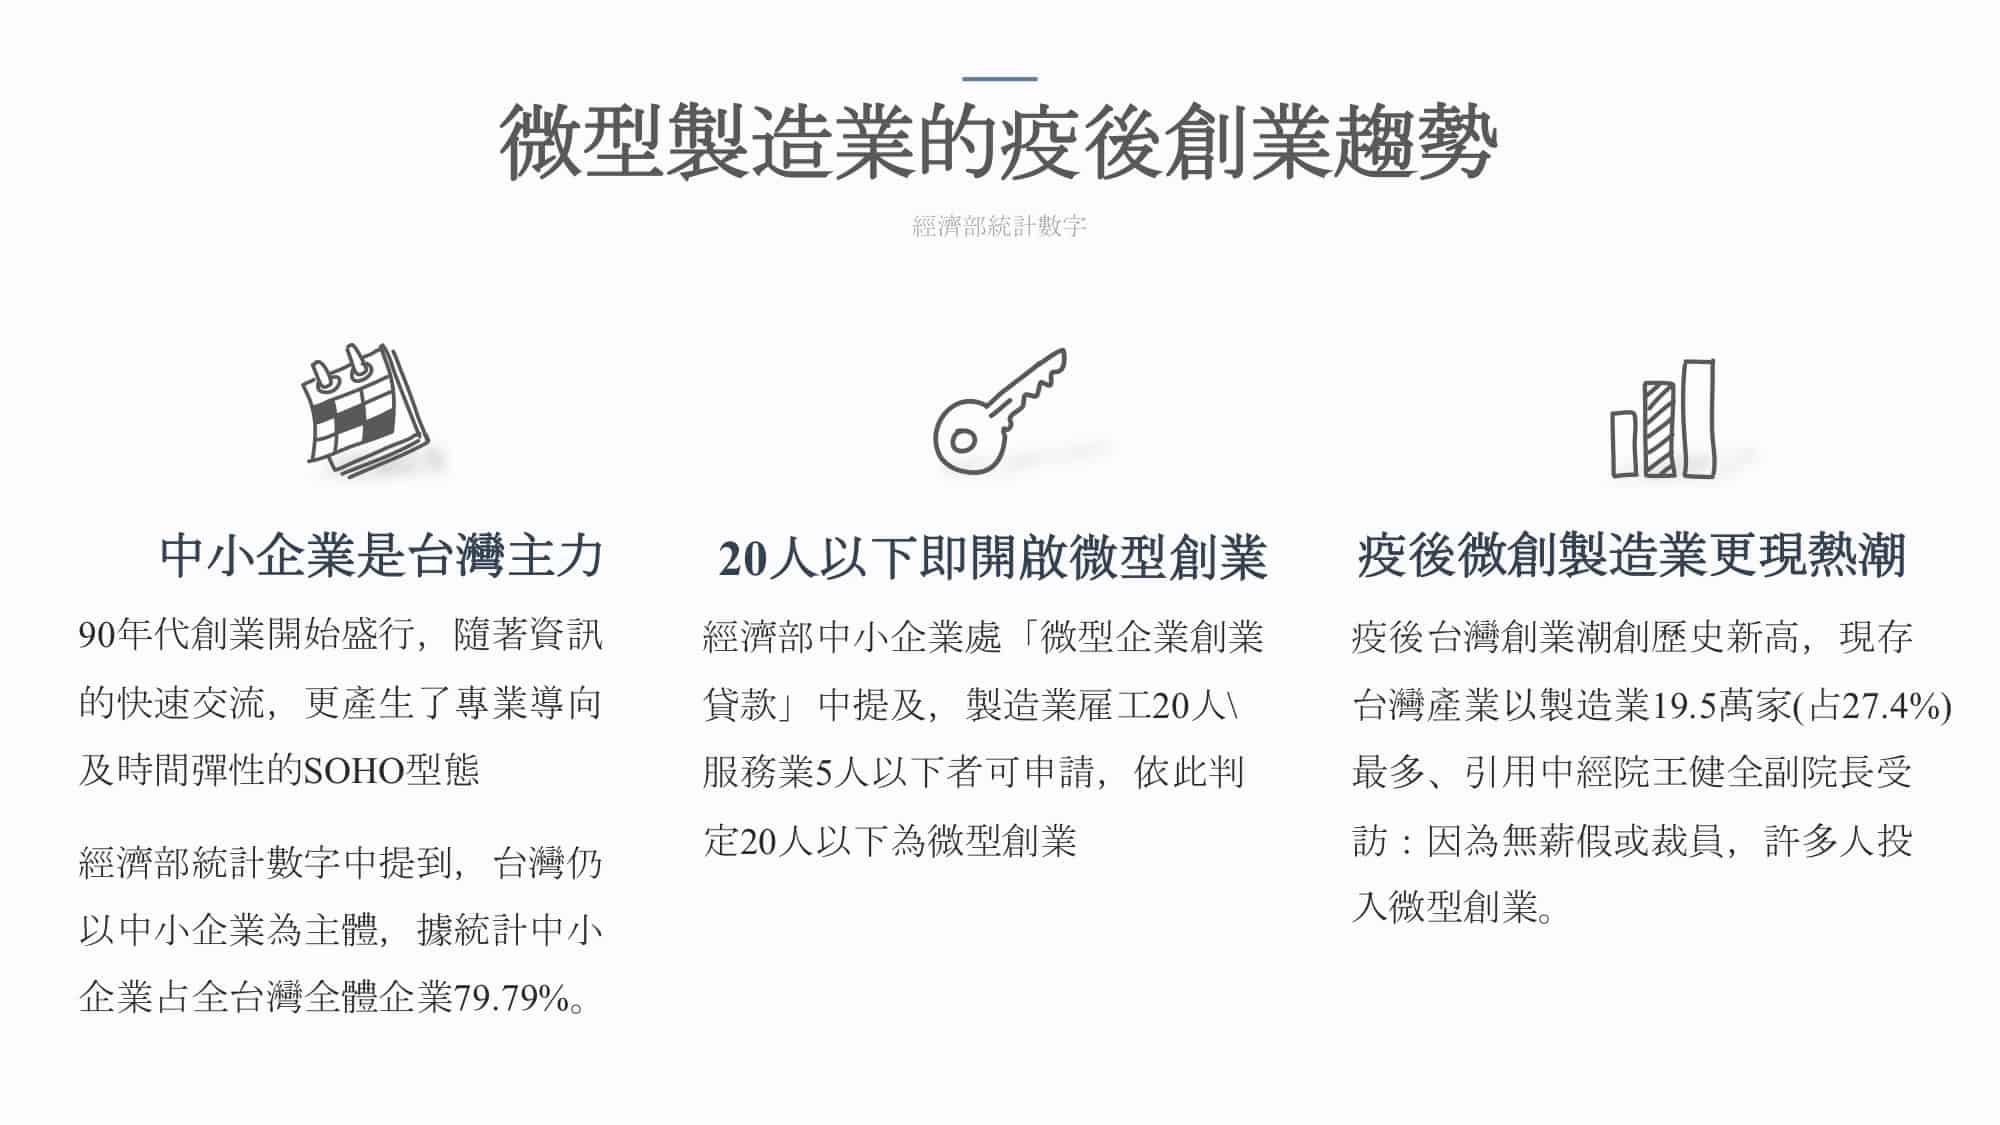 PUA_微型創意製造業創業白皮書_20201118FL-1